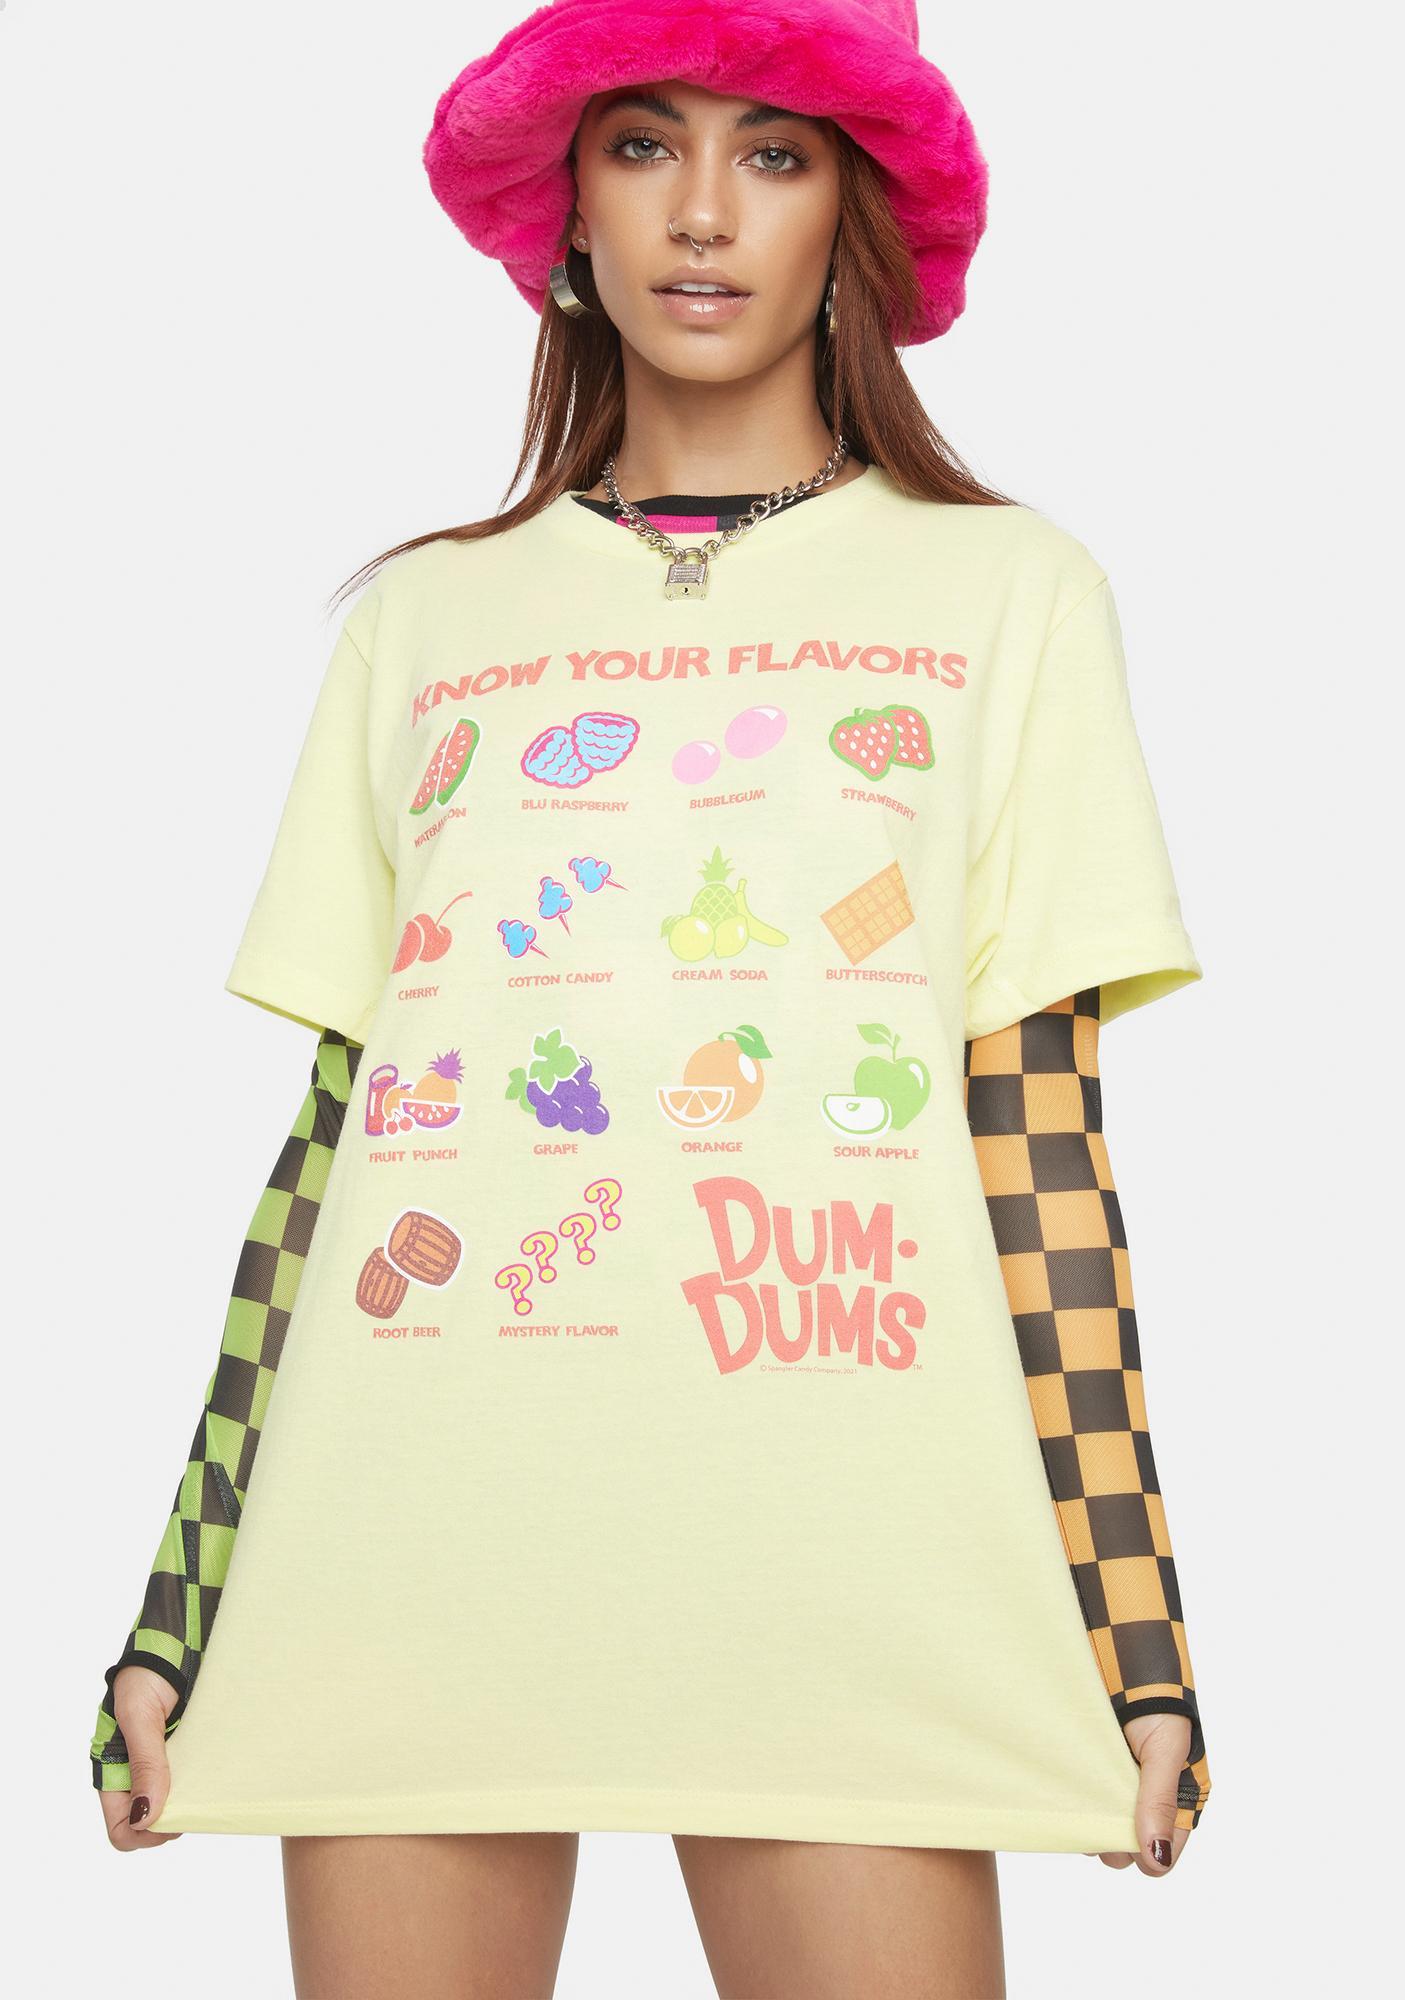 American Classics Dum Dum Graphic Tee